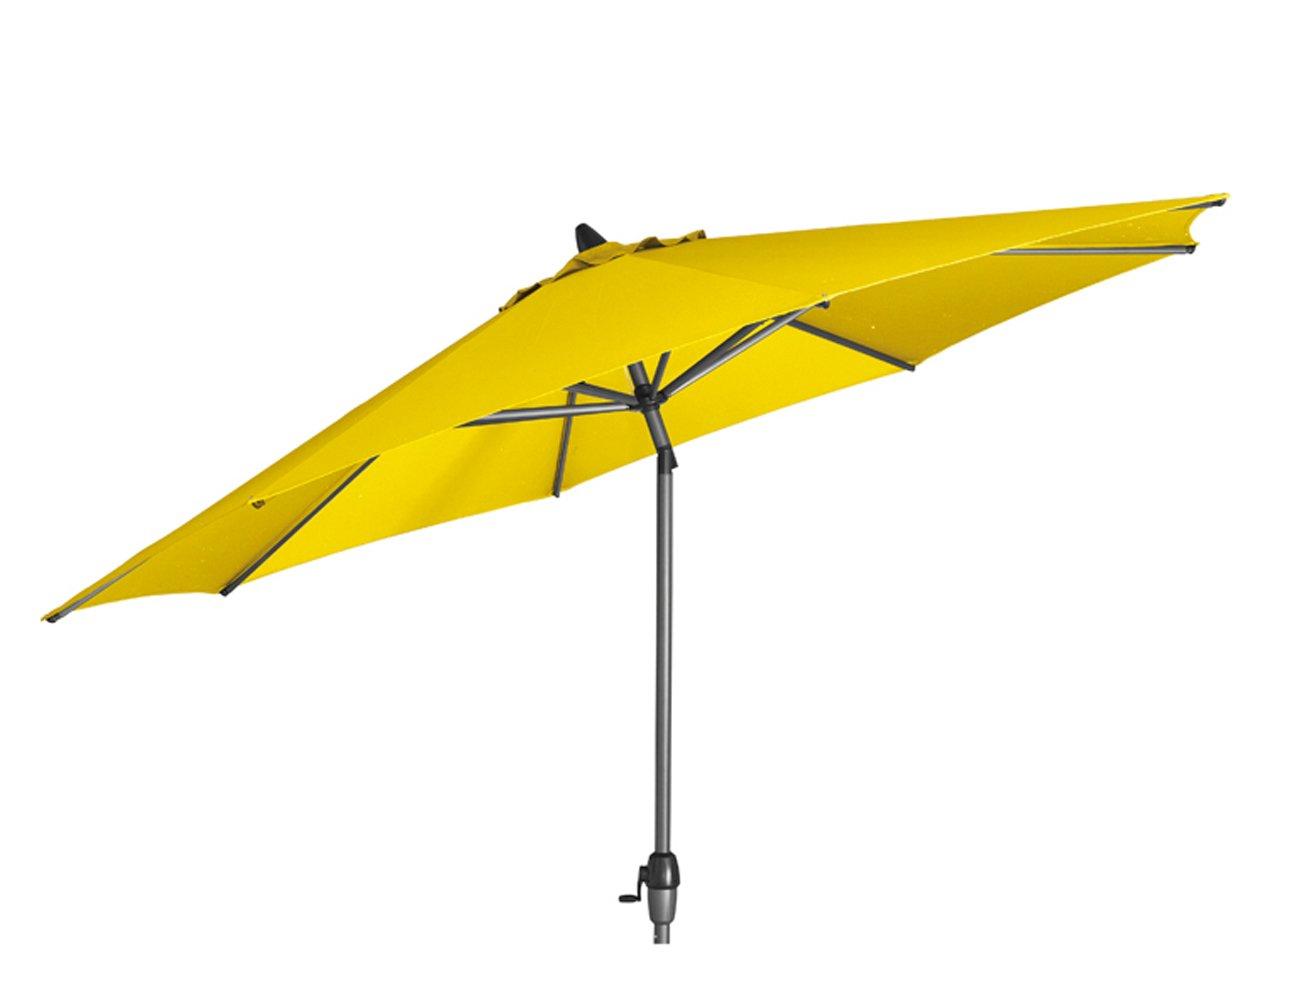 Siena Garden 673232 Azaro Marktschirm Bezug gelb Gestell anthrazit Ø 300 cm günstig